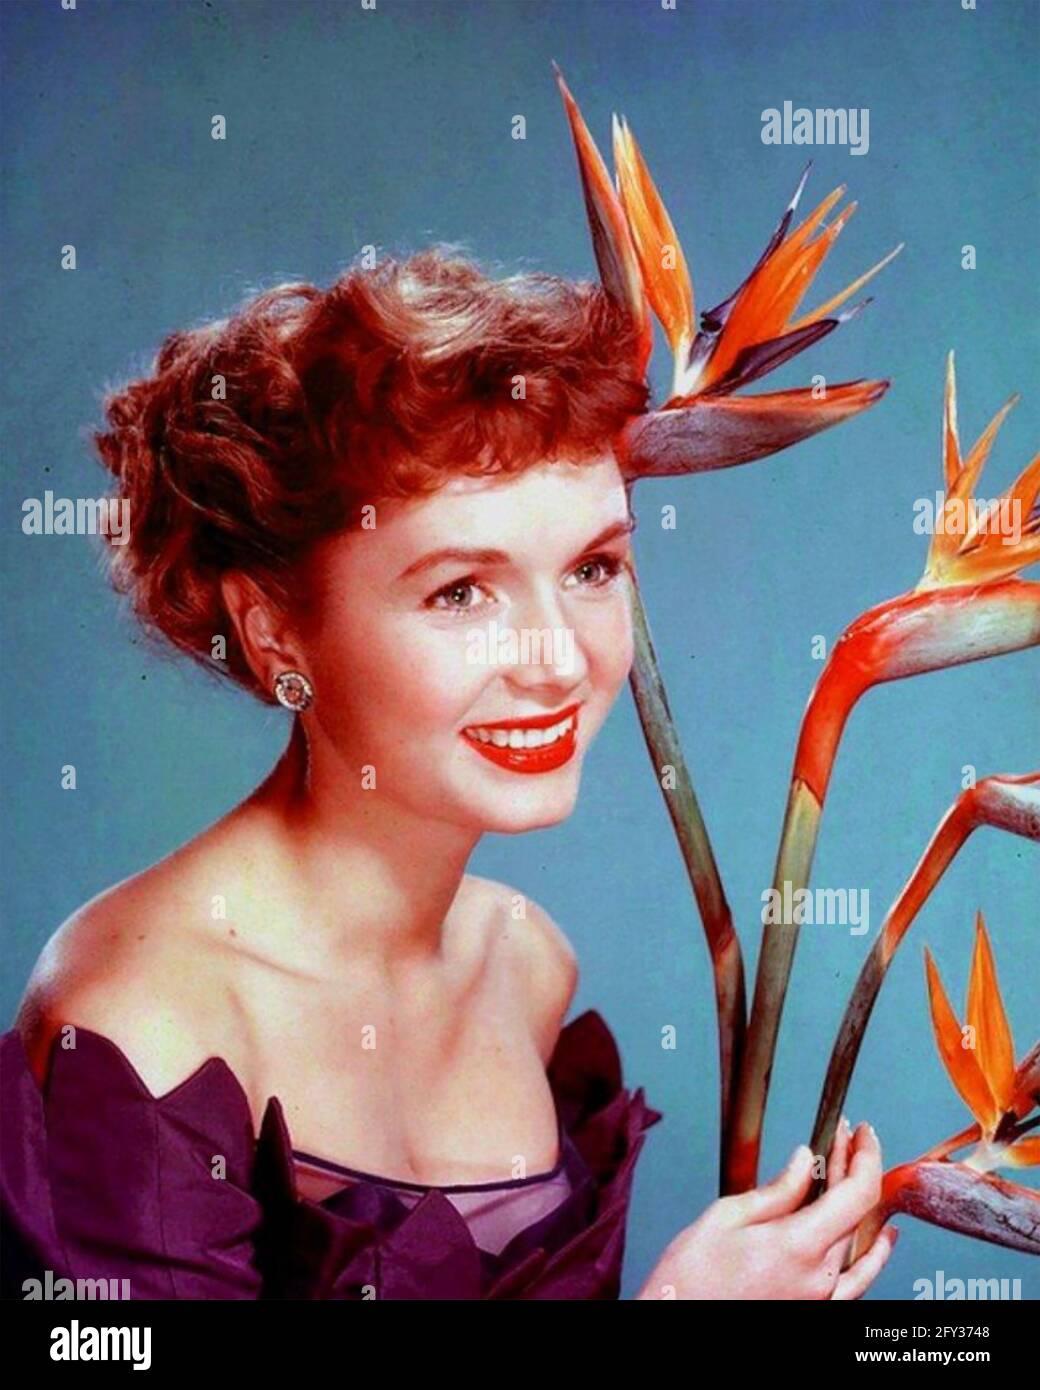 DEBBIE REYNOLDS (1932-2016) actrice et chanteuse américaine vers 1958 Banque D'Images